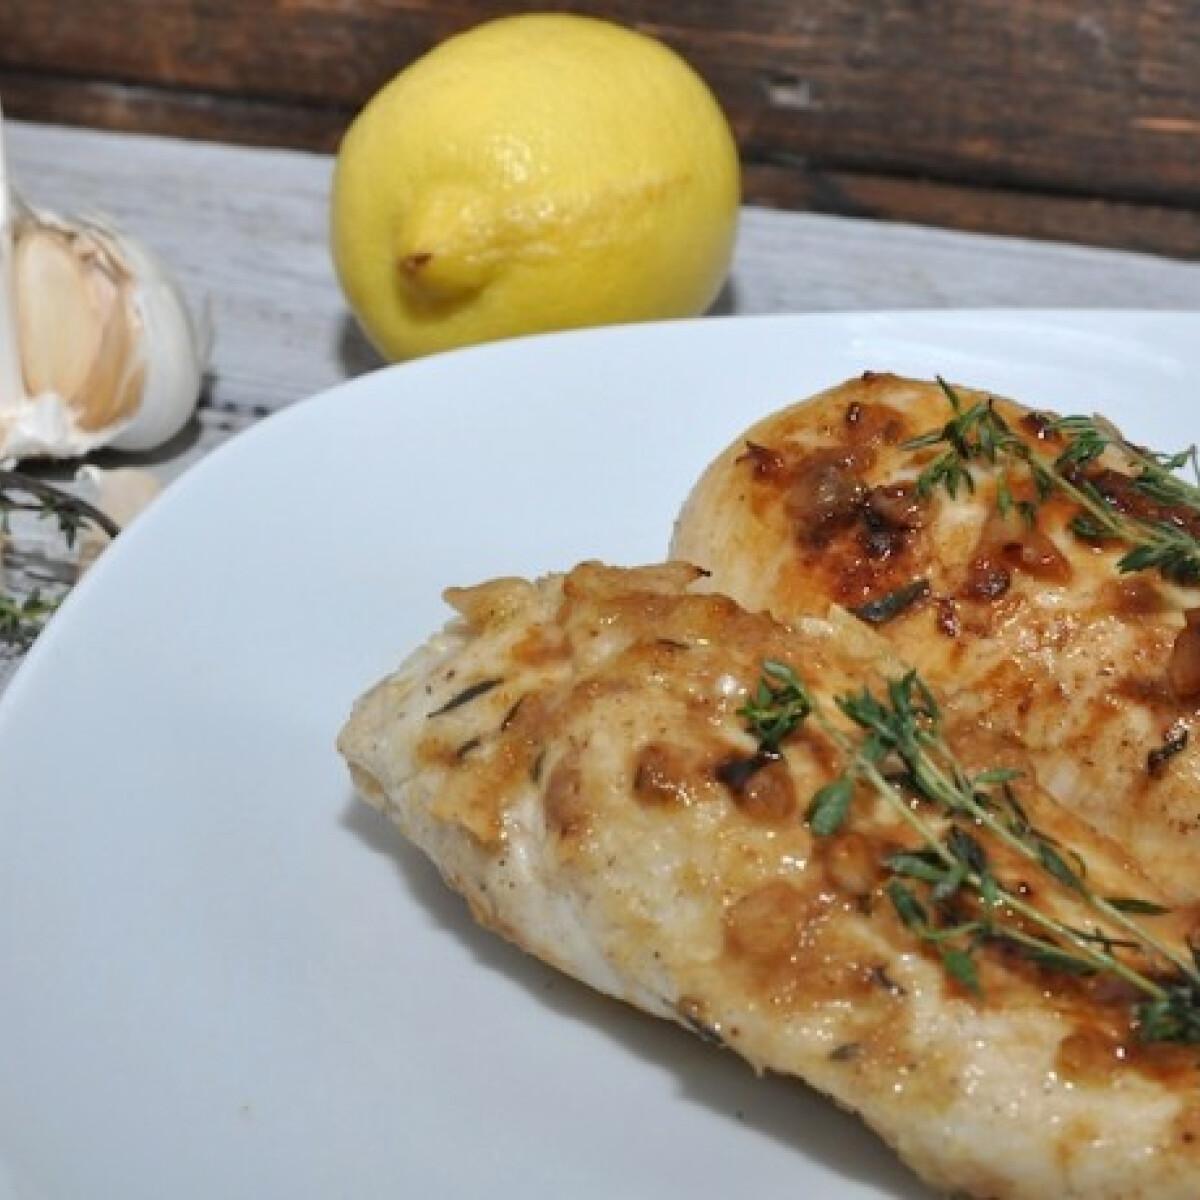 Ezen a képen: Citromos csirke sütőben Grétitől